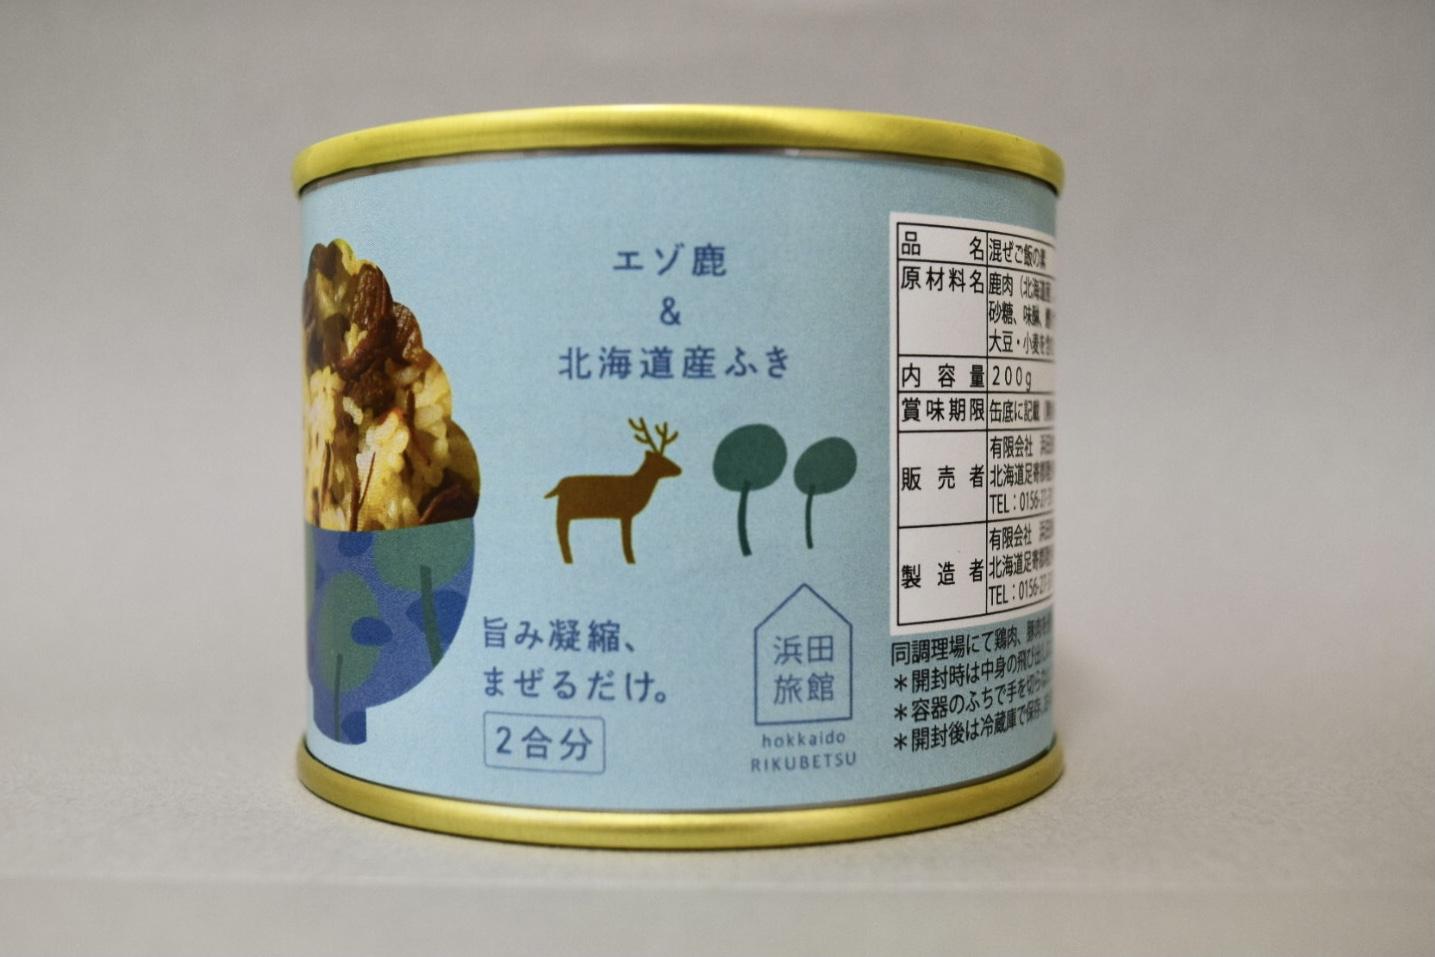 エゾ鹿&ふきのイラスト